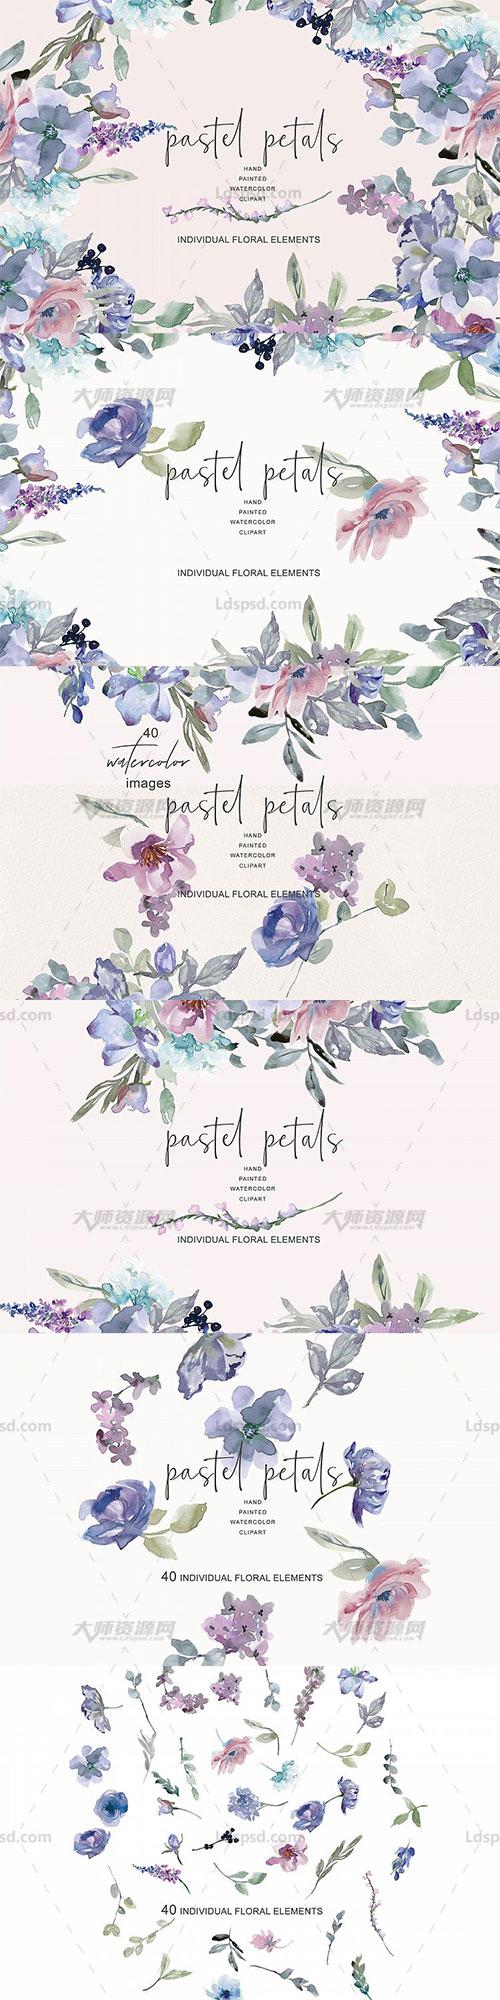 40张高清背景透明的北欧风水彩淡蓝紫色花卉PNG图片:Watercolor Pastel Blue and Mauve Flowers